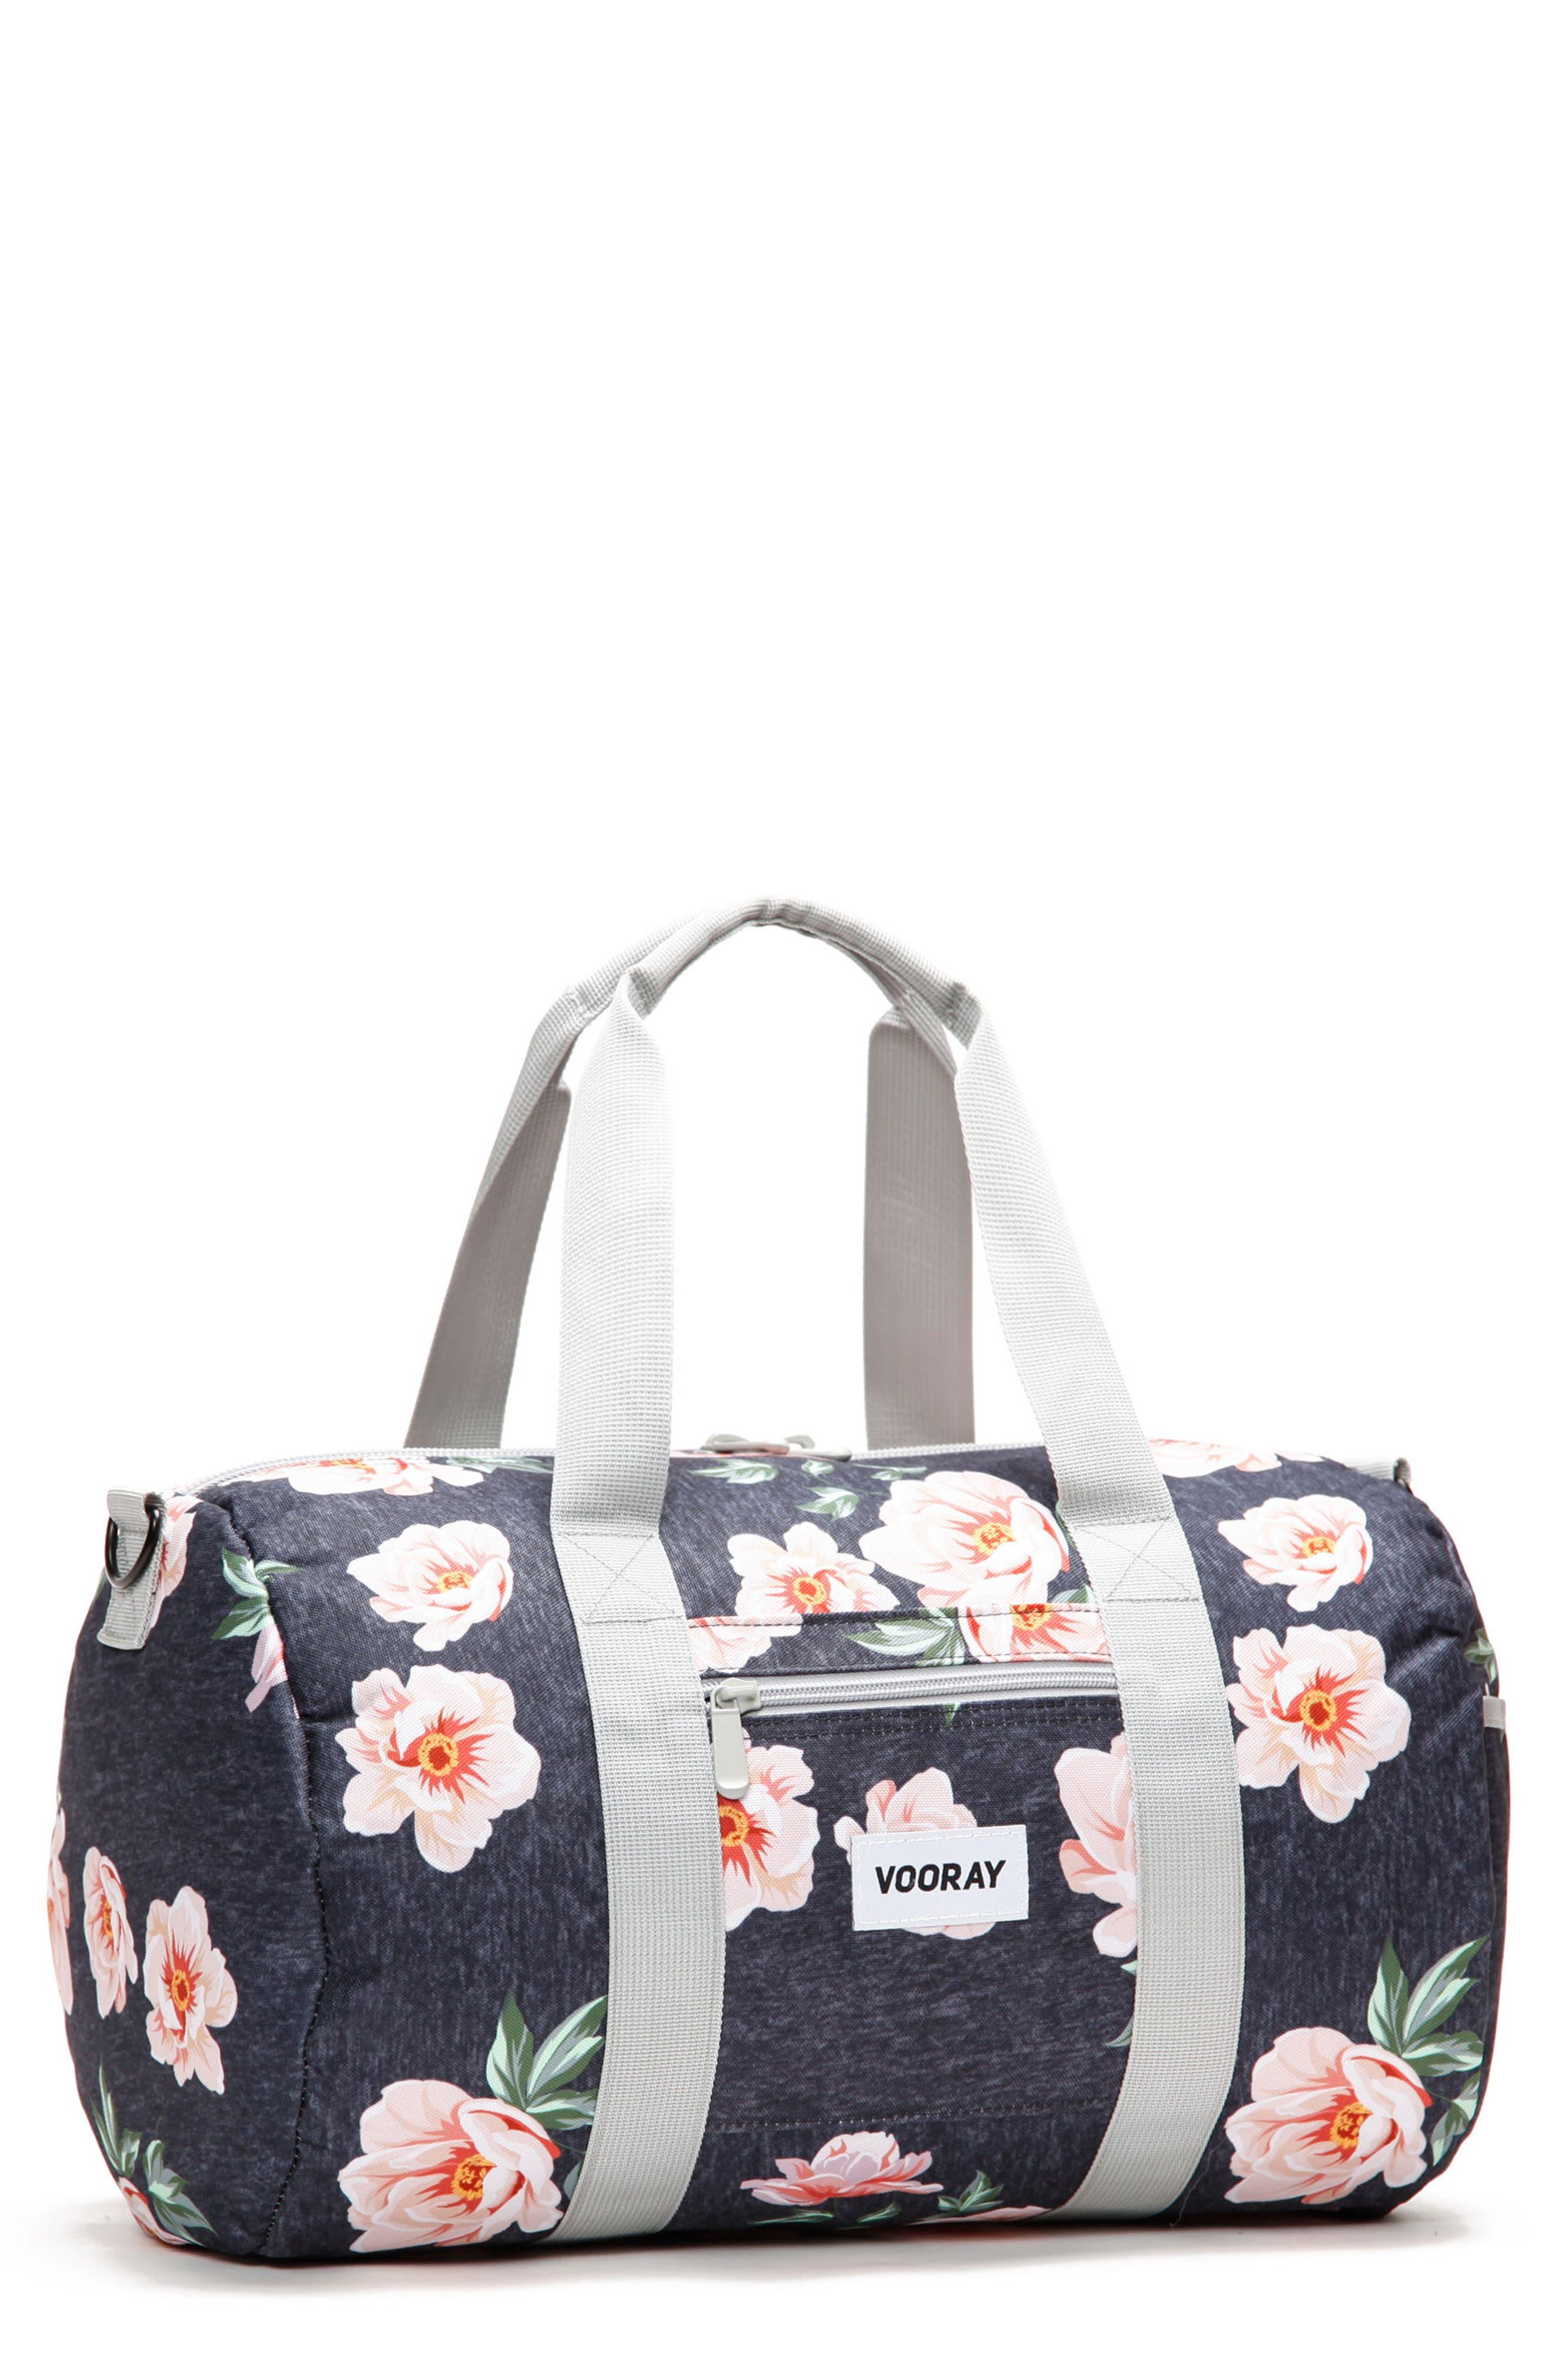 Roadie Small Duffel Bag,                         Main,                         color, Rose Navy